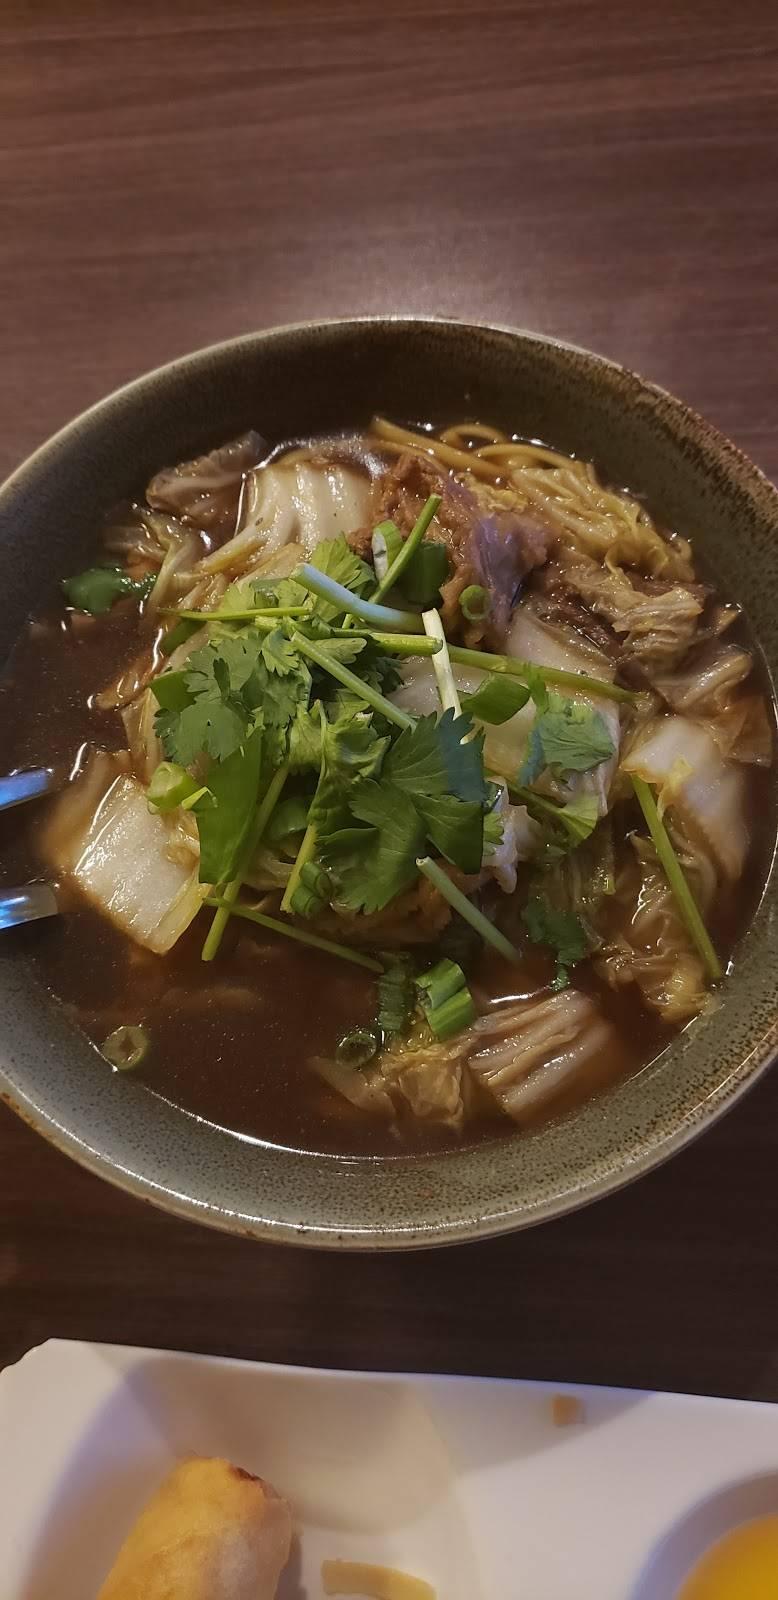 sze chuan restaurant west allis wi 53227  vincendes